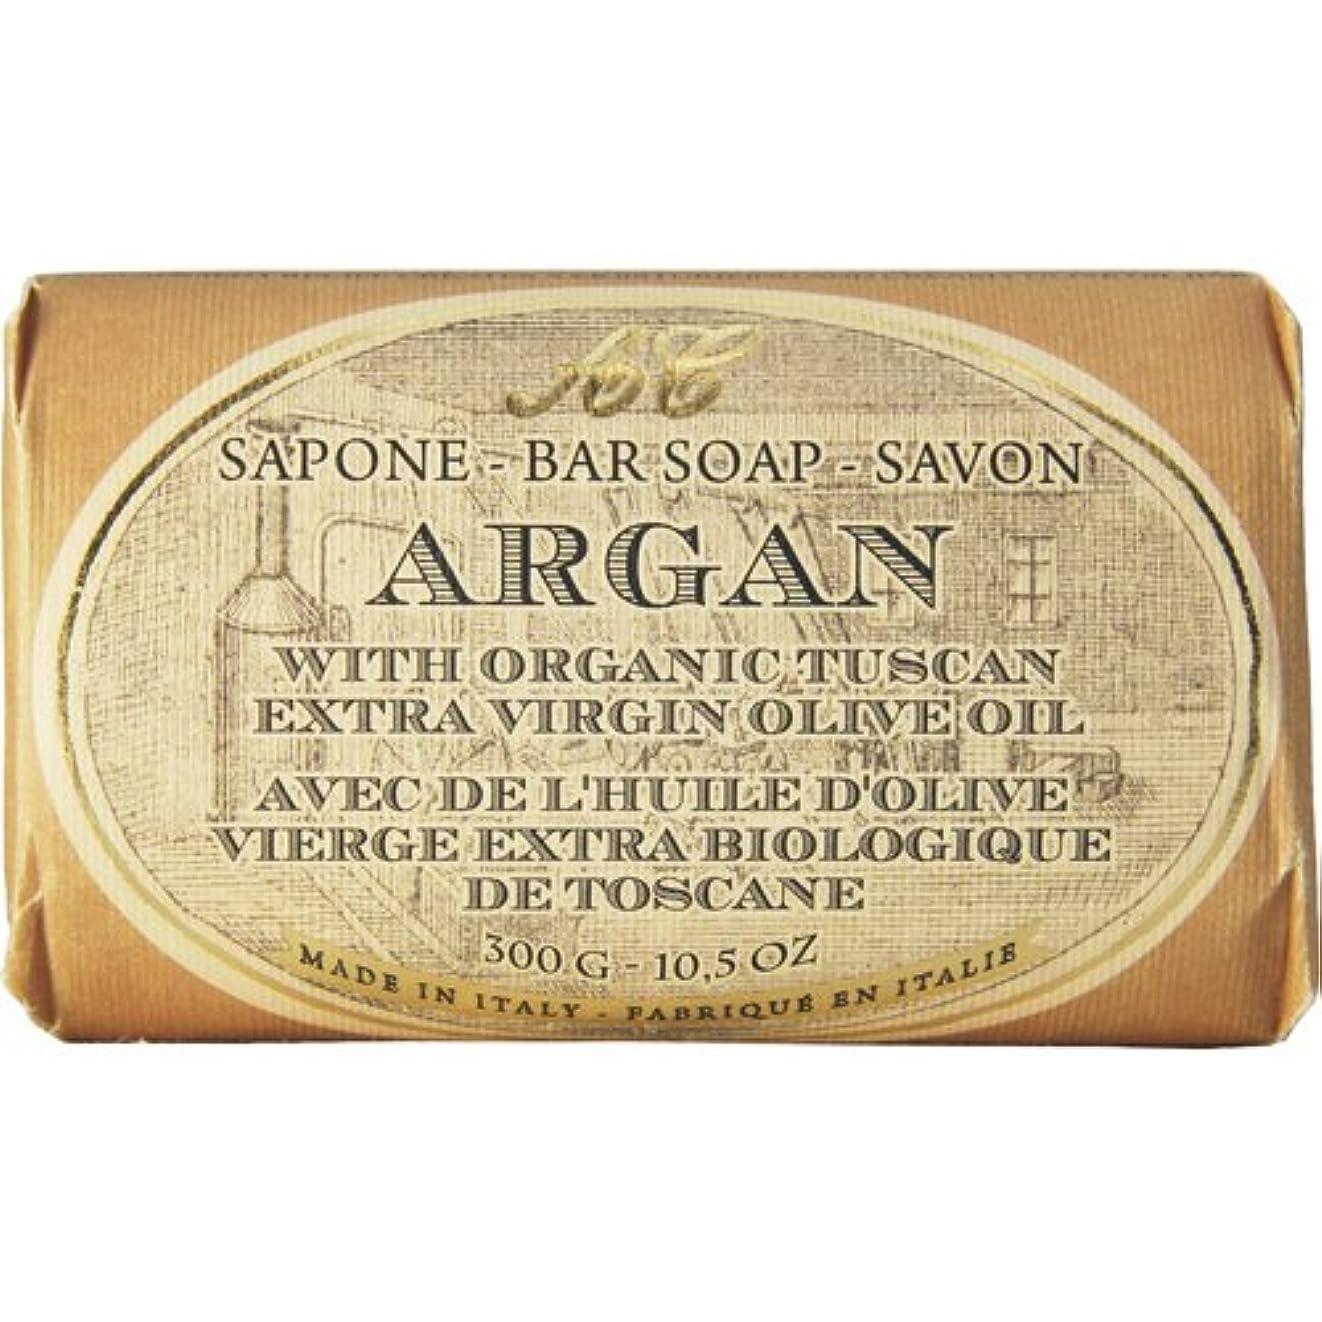 暴力的な弁護士メッセージSaponerire Fissi レトロシリーズ Bar Soap バーソープ 300g Argan アルガンオイル